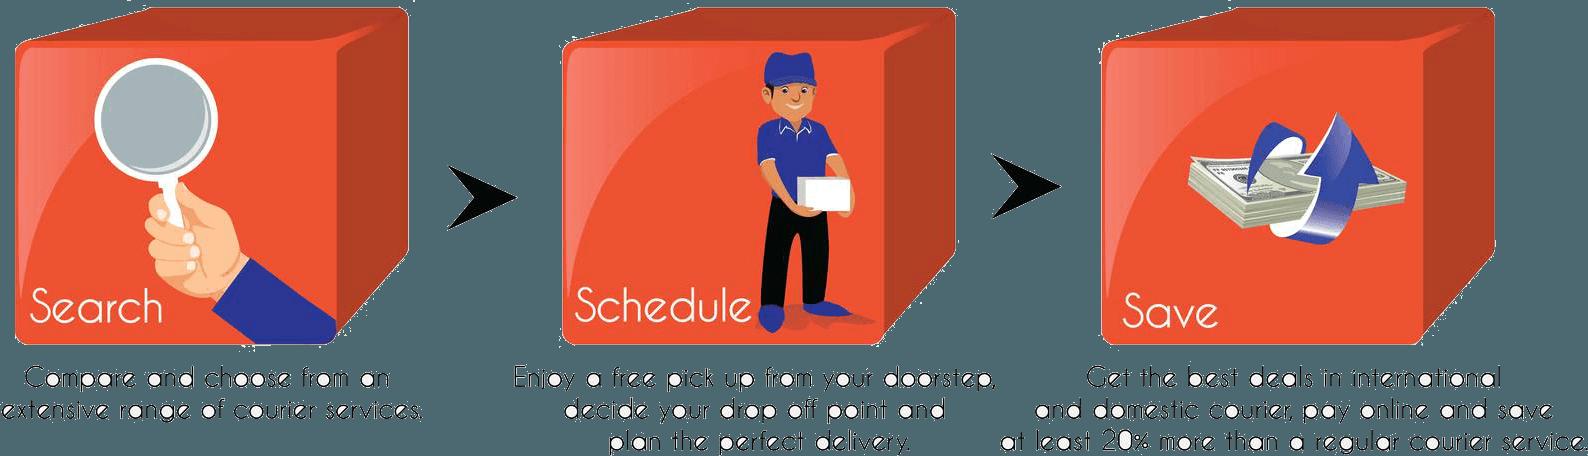 Fedex order online